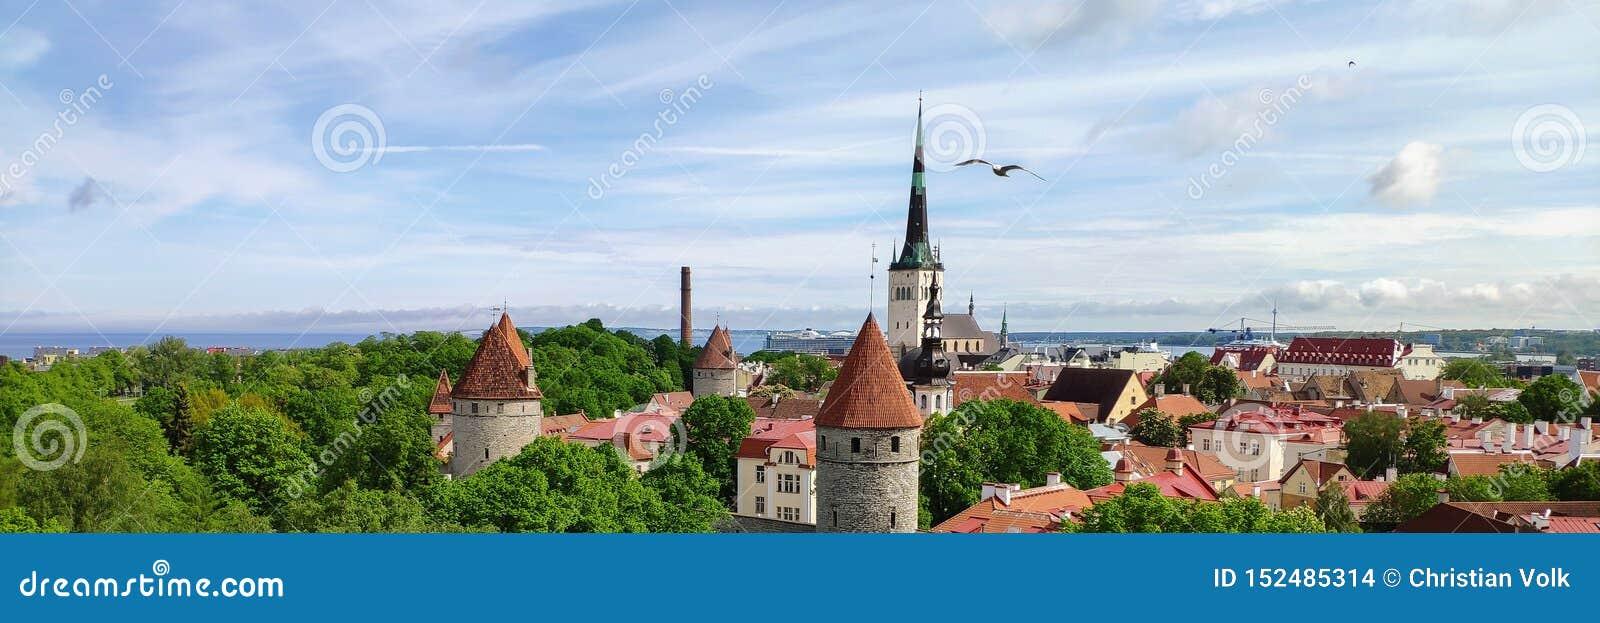 Vecchia città - Tallinn